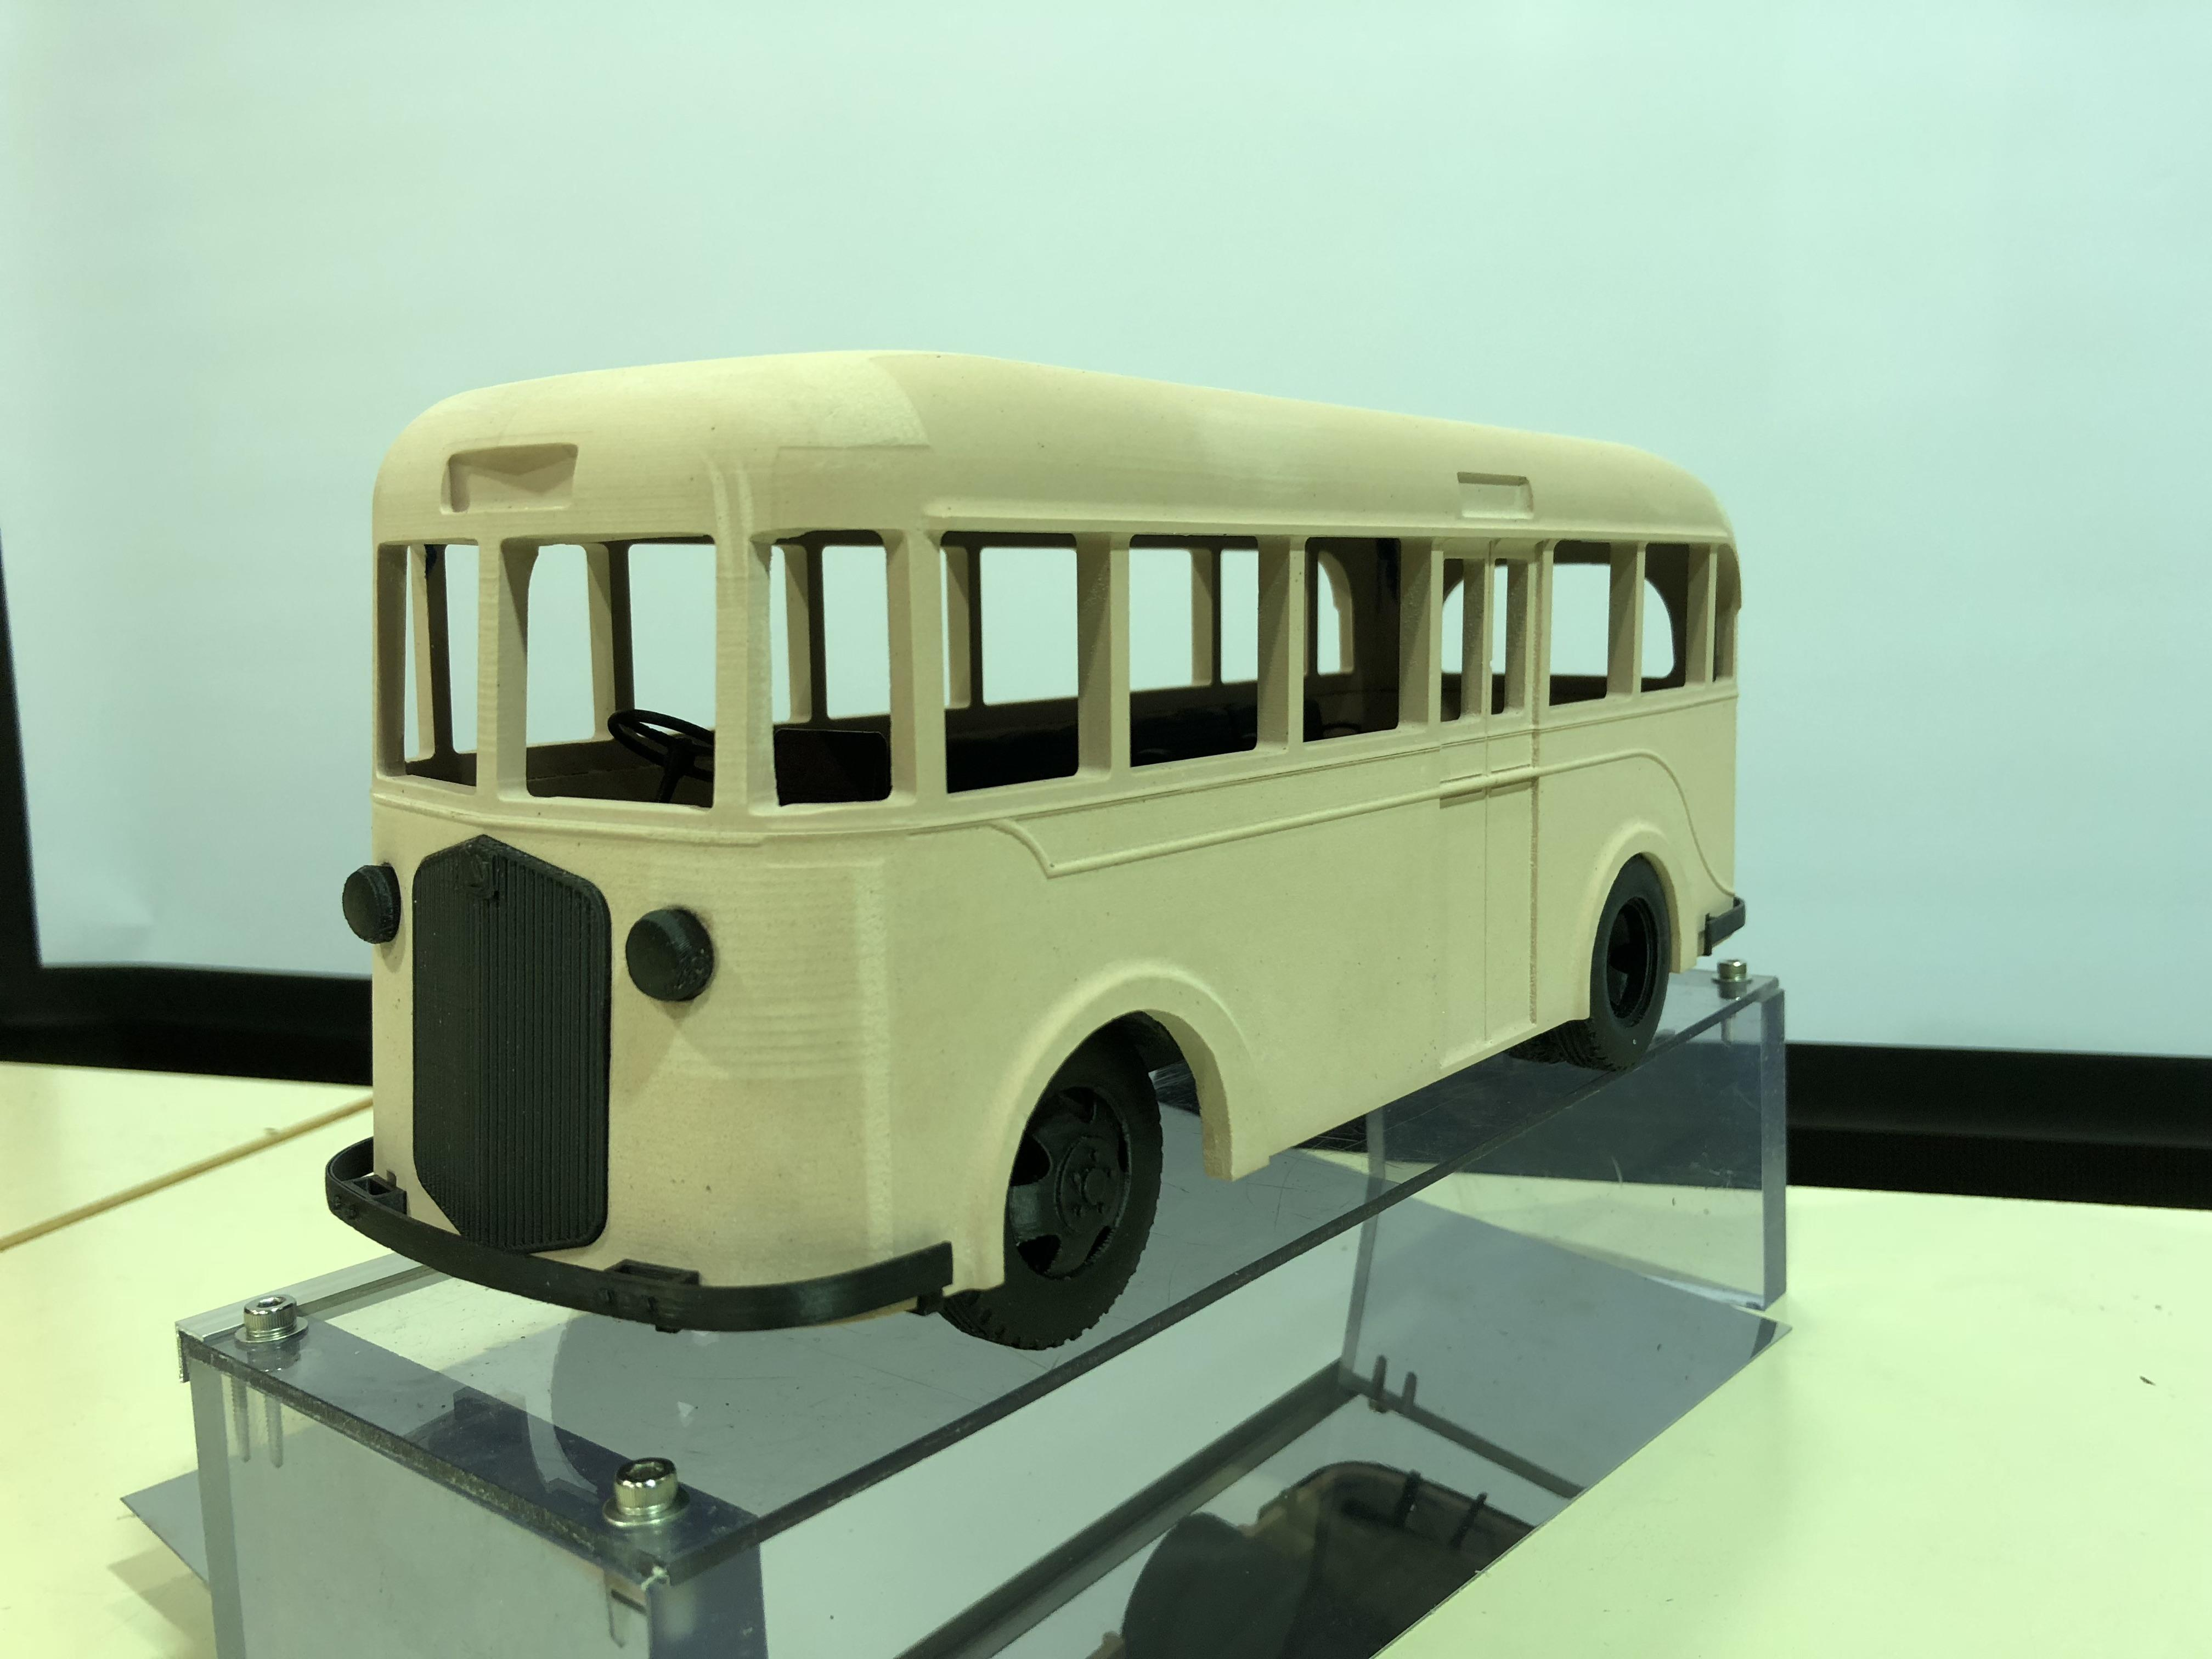 展示用透明台座に載せたキソコーチ号の模型